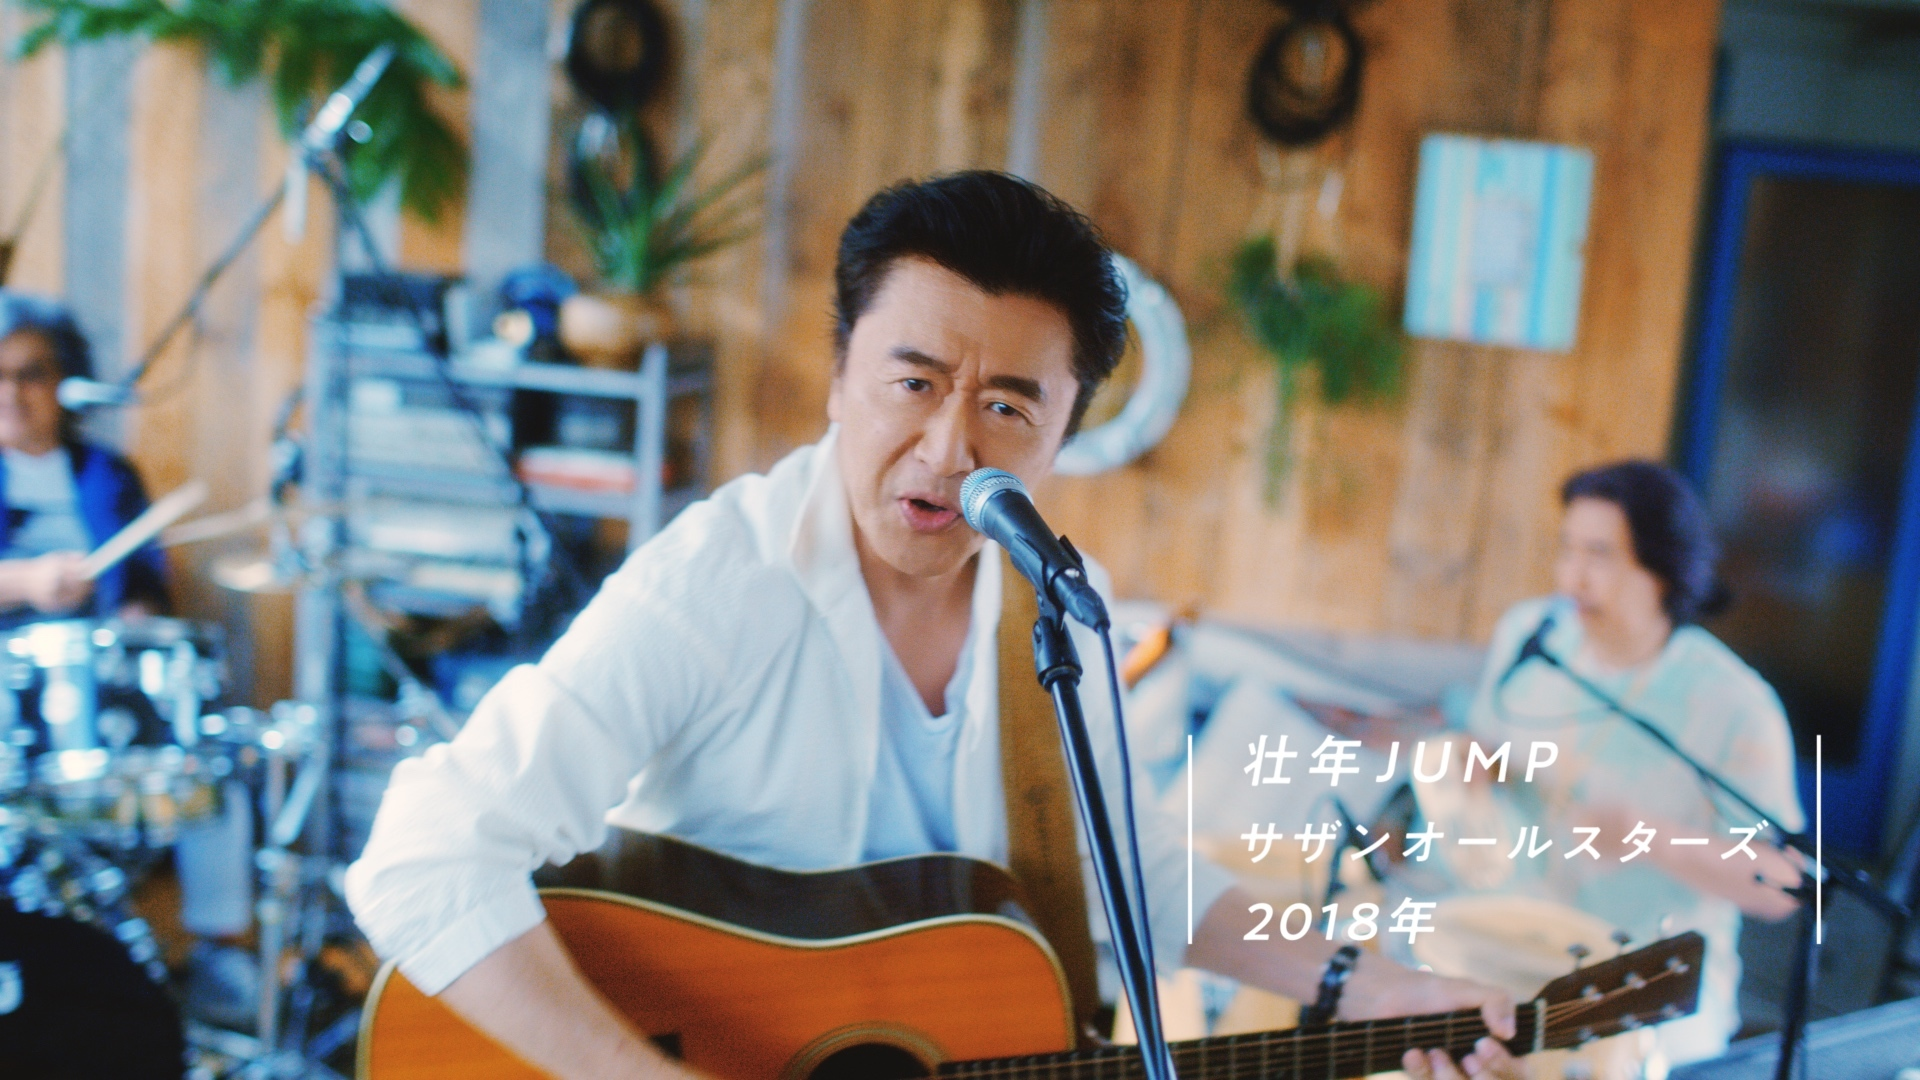 『三ツ矢andサザン2018『走り続ける情熱編』壮年JUMP(2018年)』90秒スペシャルバージョン